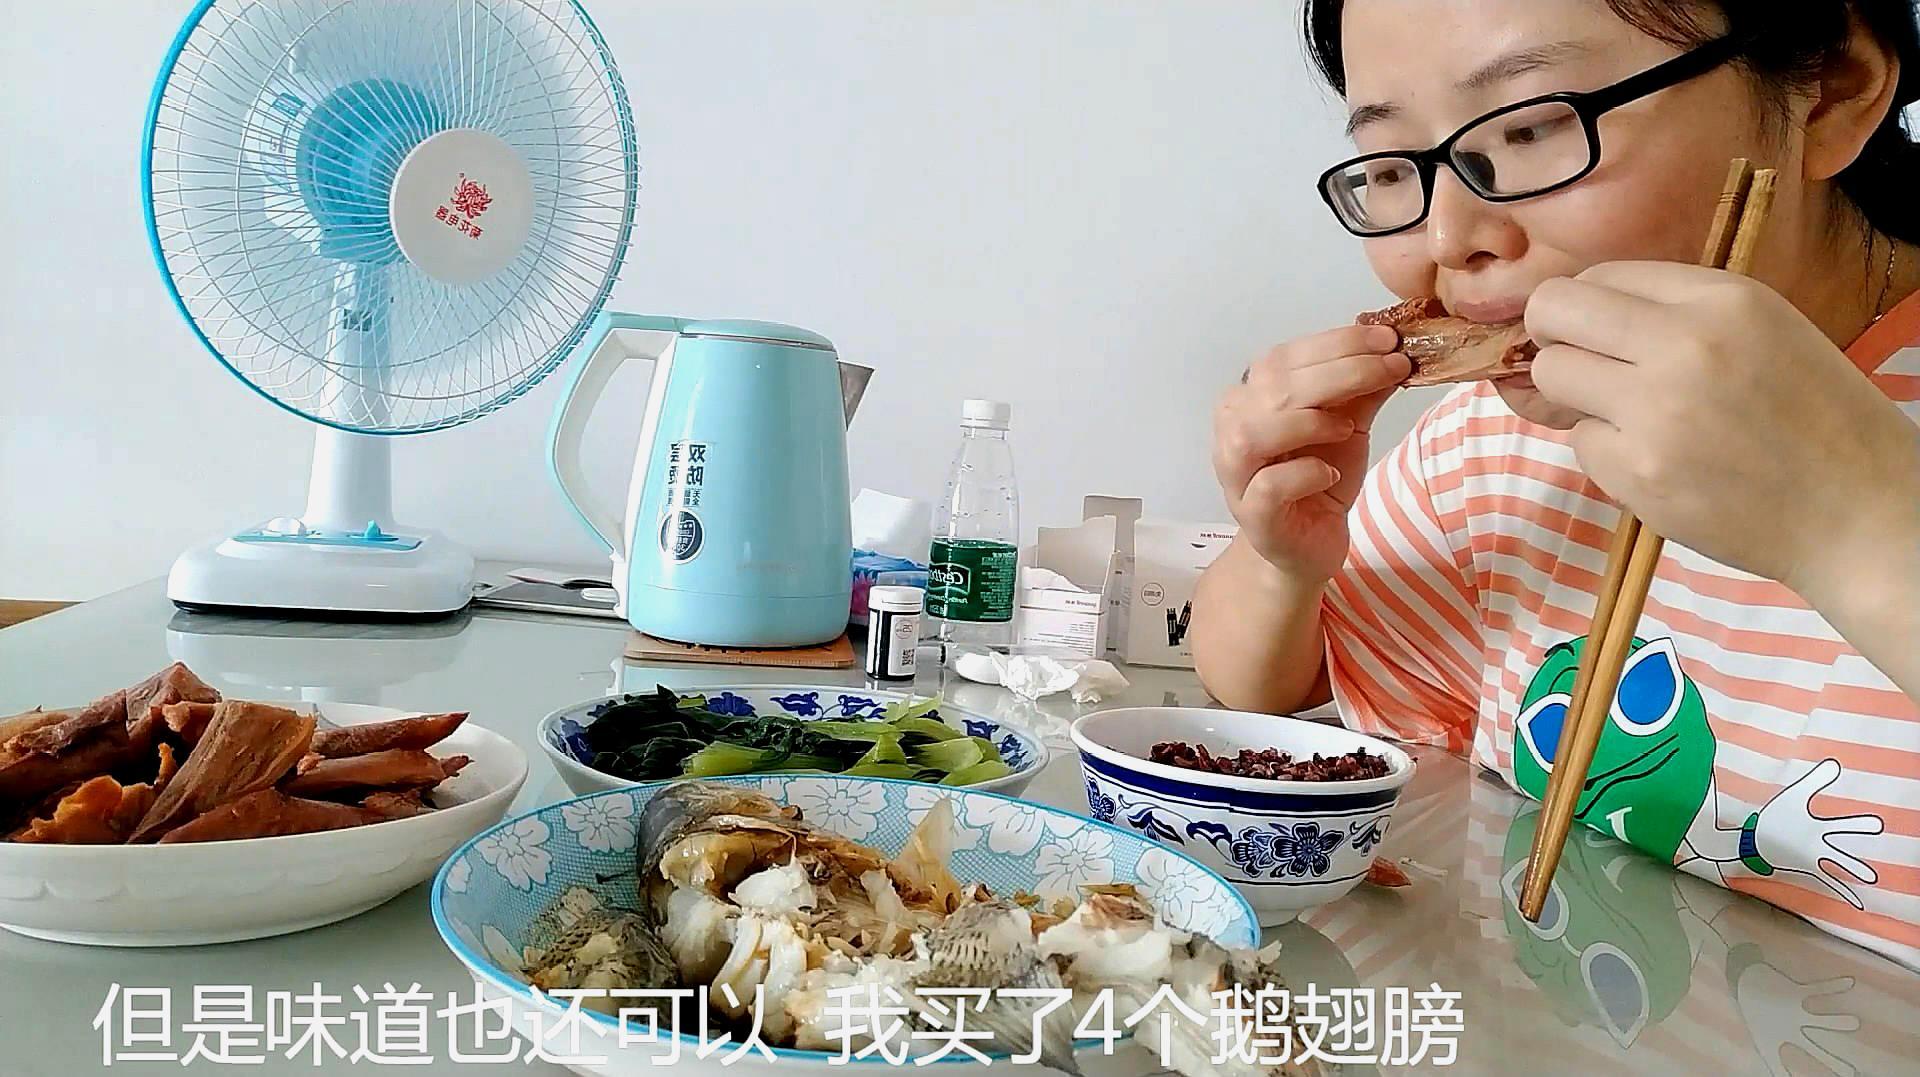 6个月孕妈小梦在家蒸鲈鱼吃 吃鱼对控制血糖没有影响